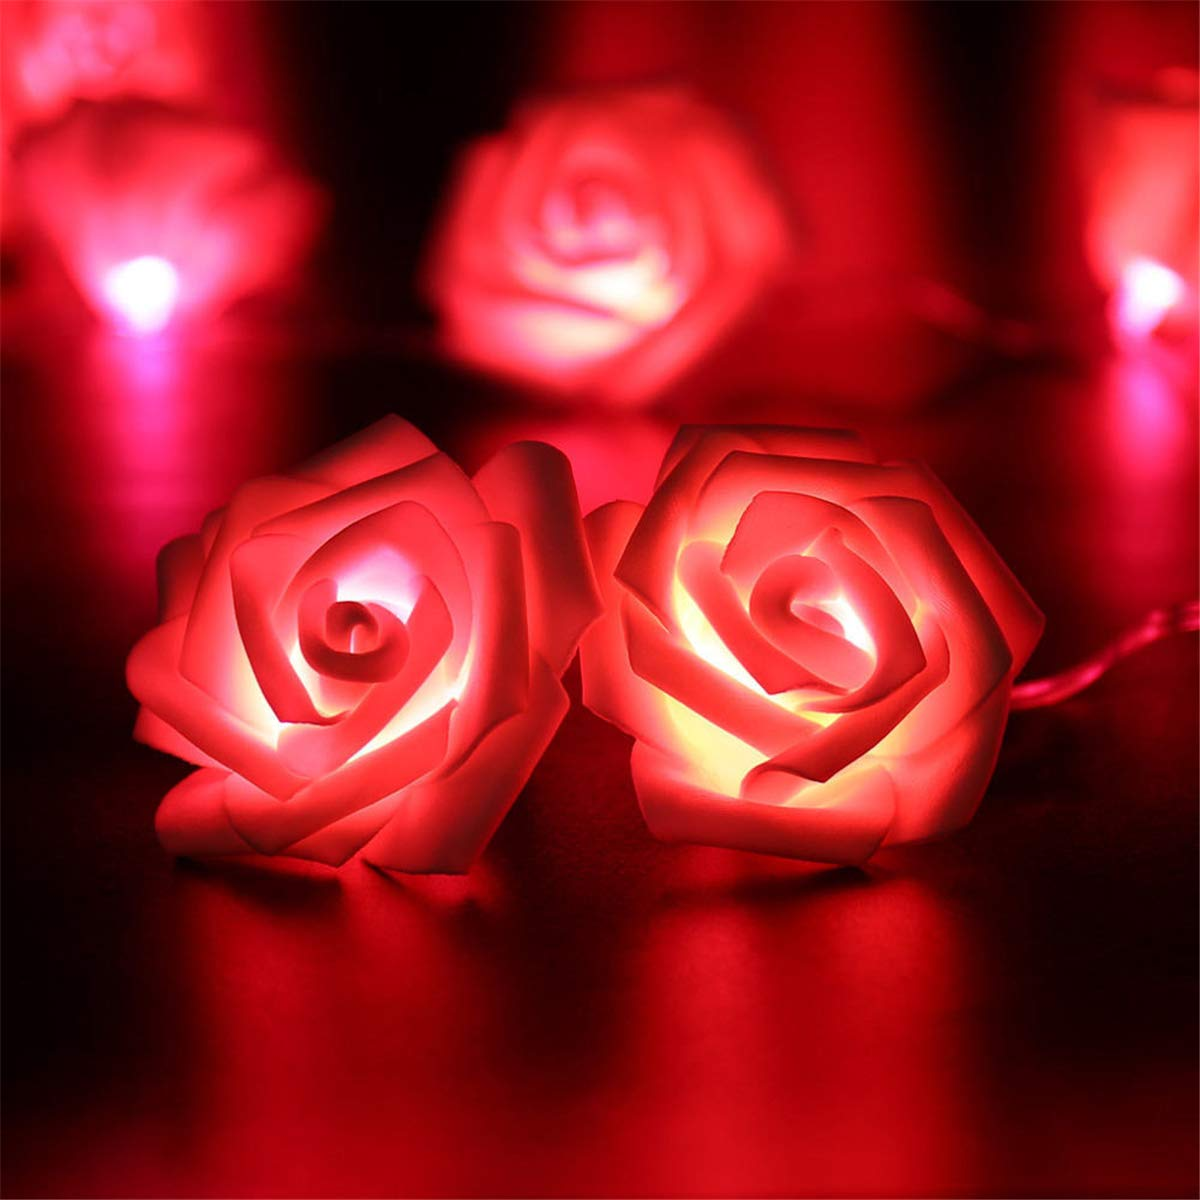 10er LED Rosen Lichterkette Batteriebetrieben 1 Meter Innen Beleuchtung f/ür Weihnachten Hochzeit Valentinstag Zimmer Dekoration